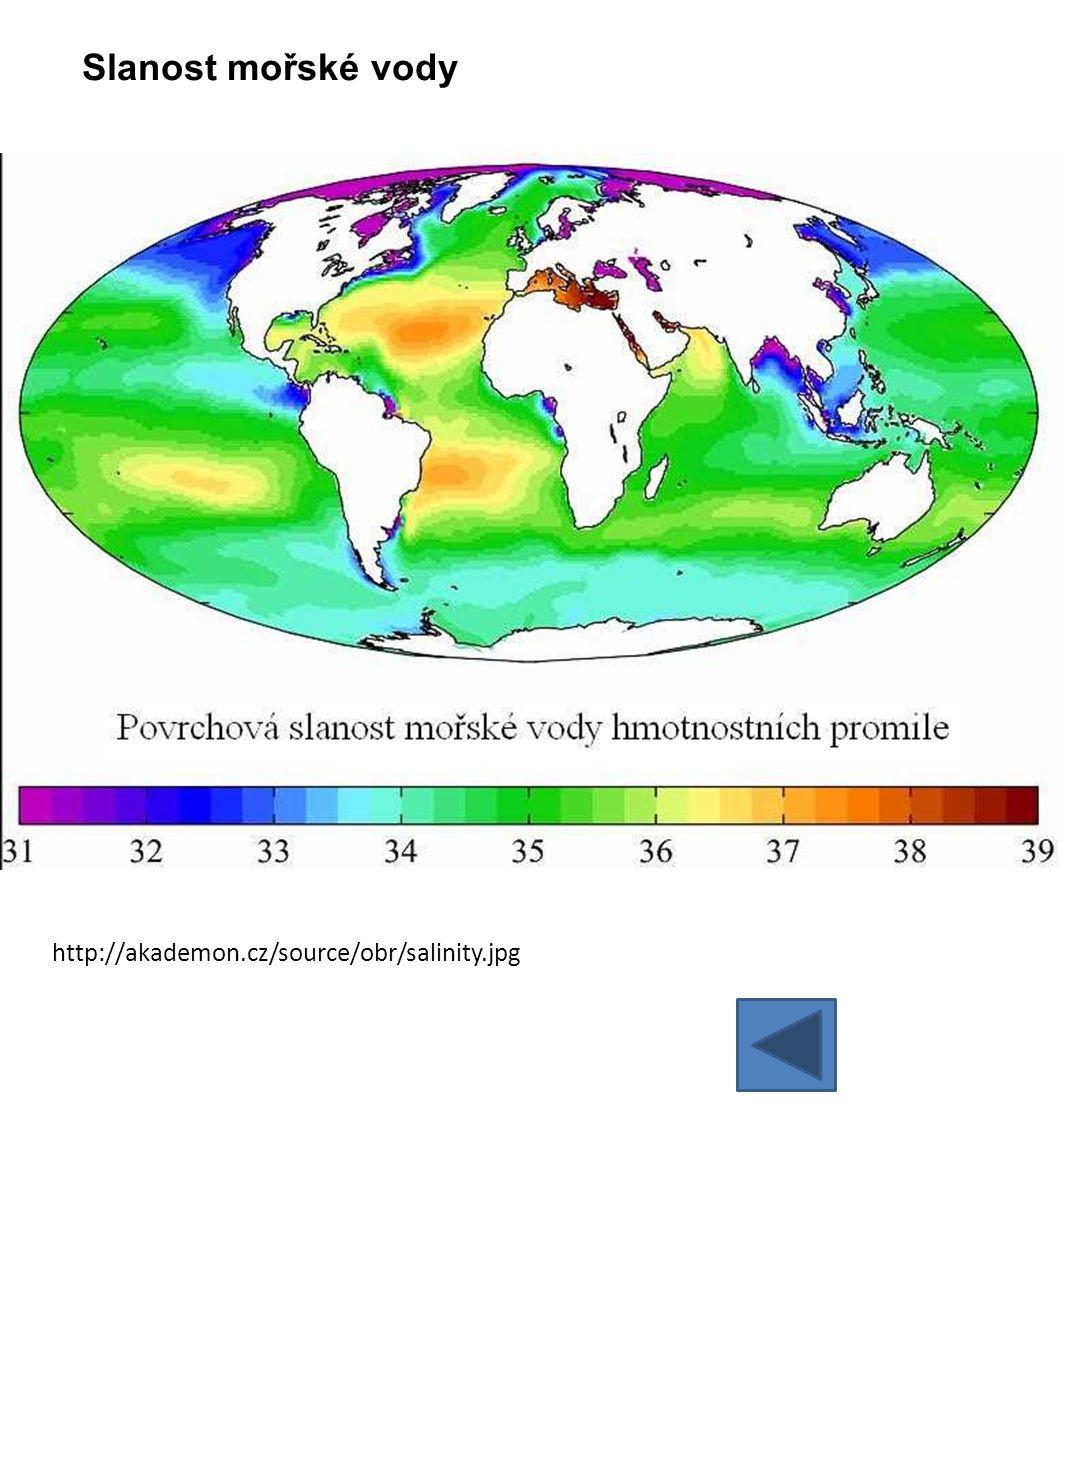 http://akademon.cz/source/obr/salinity.jpg Slanost mořské vody